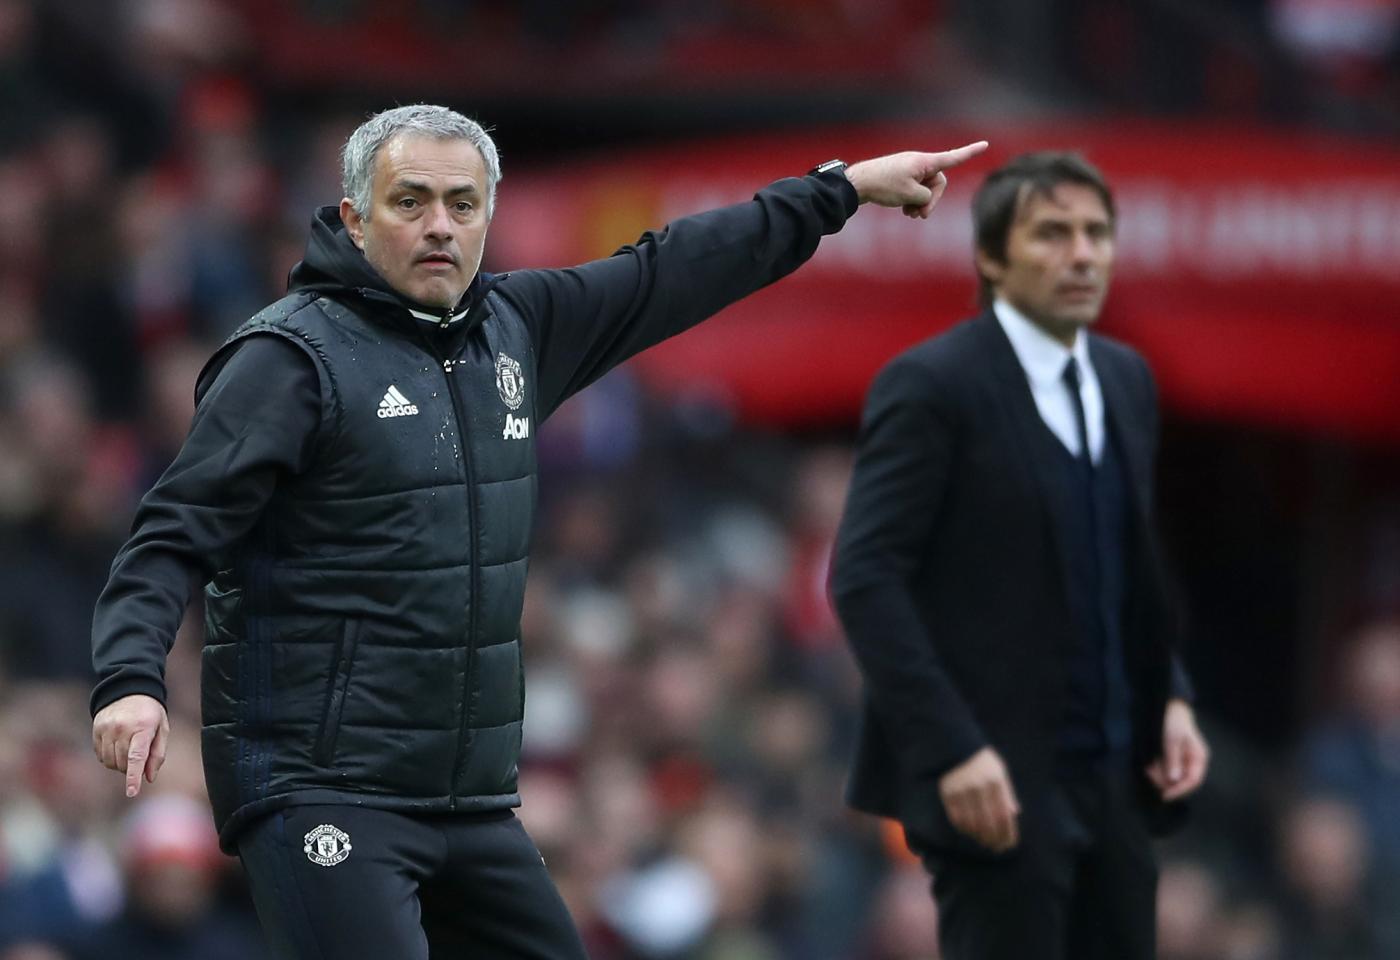 Calcio – Prima di United-Chelsea, arriva la stretta di mano tra i grandi 'nemici' José Mourinho e Antonio Conte: un saluto gelido che conferma la rivalità tra i due. Alla fine a Old Trafford trionfa lo United in rimonta. E i sorrisi sono tutti per lo Special One… - PA/LaPresse